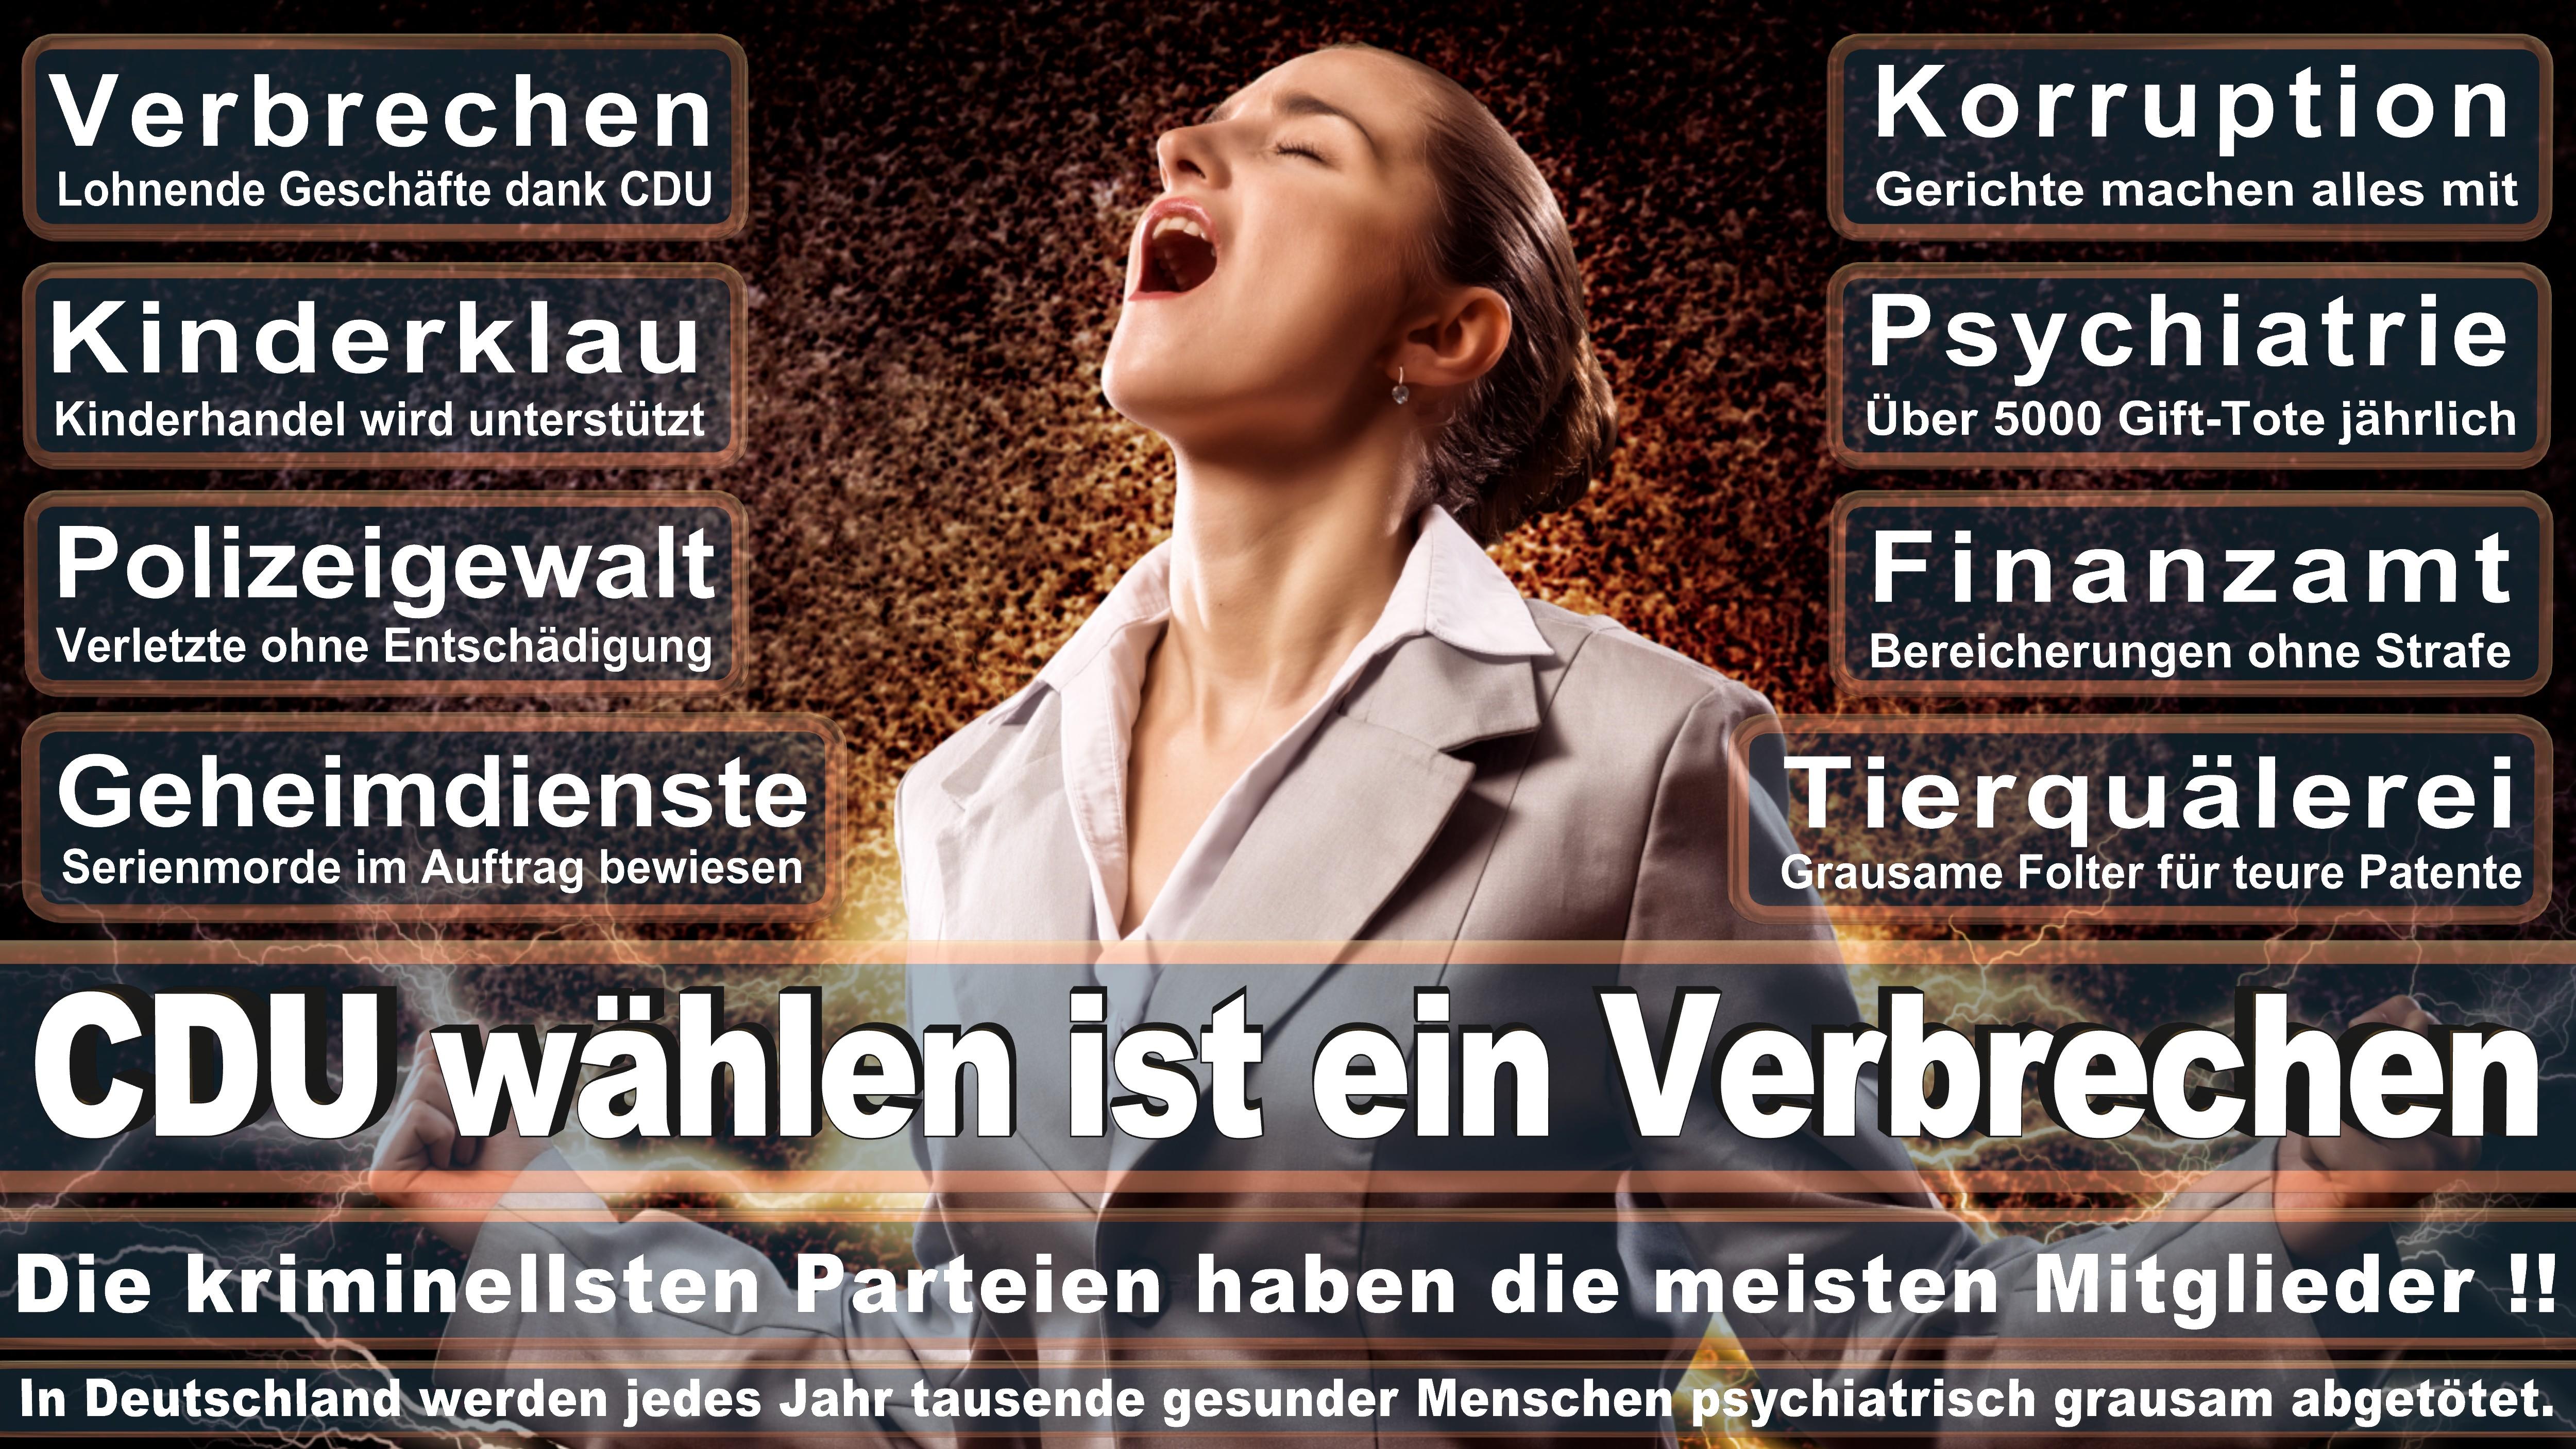 CDU Bielefeld, Vorstand, Ratsmitglieder, Ortsverband, Andreas Rüther, Mike Krüger, Michael Weber, Lena Strothmann, Vincenzo Copertino, Elmar Brok, Ralf Nettelstroth, Detlef Werner, Marcus Kleinkes (13)